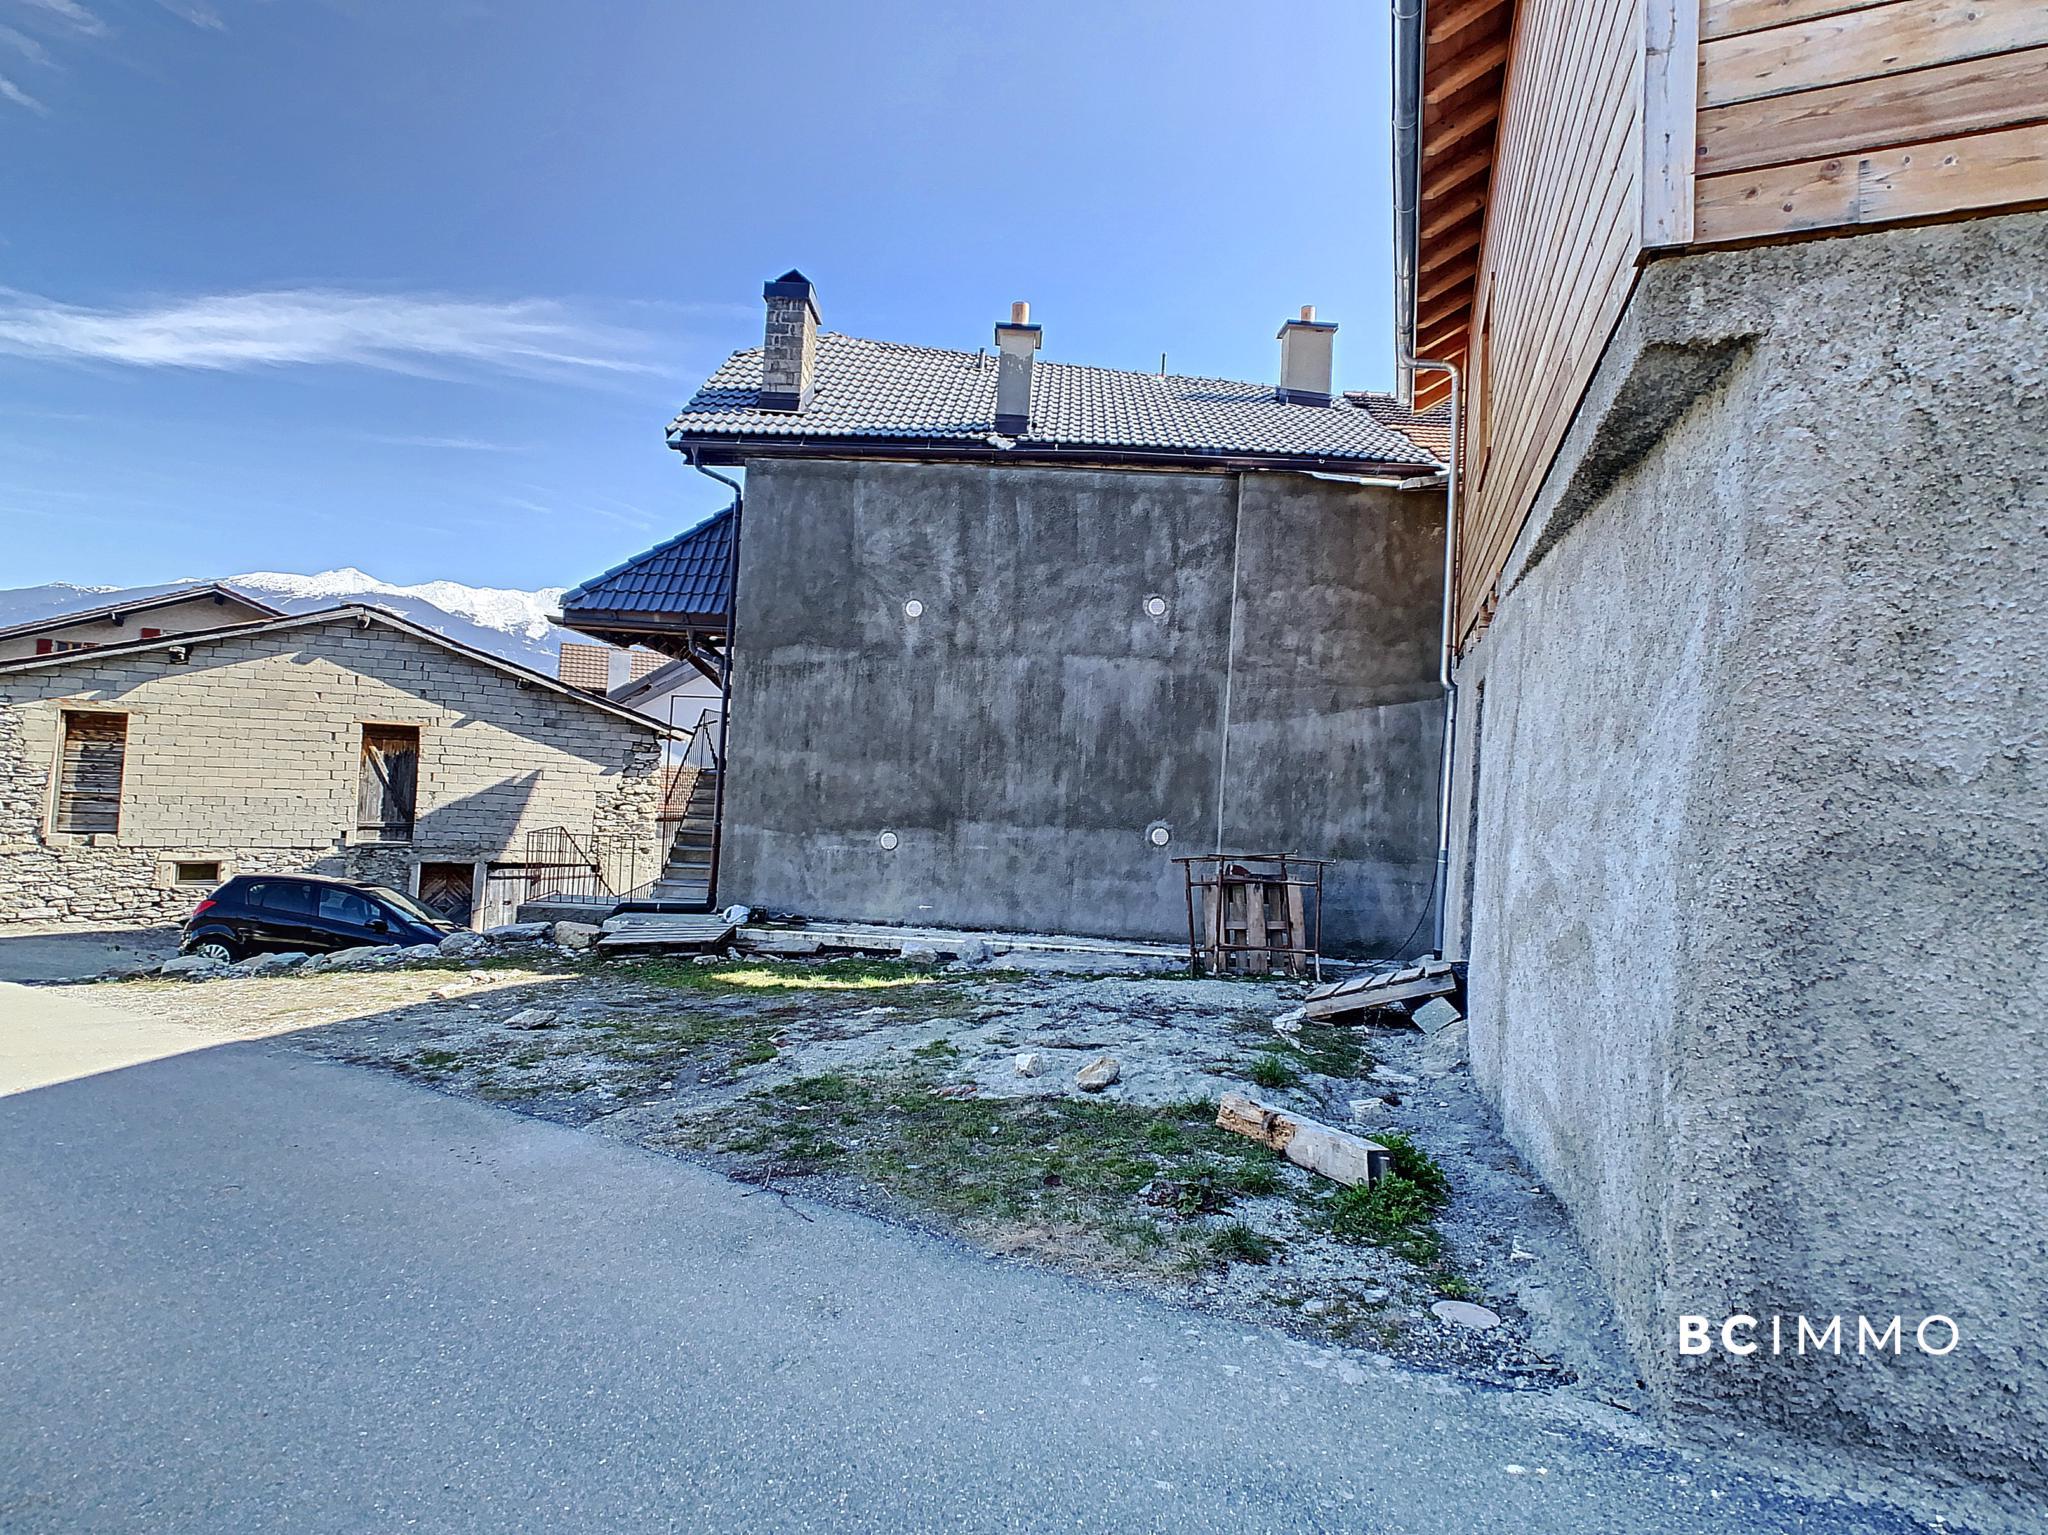 BC Immo - Votre projet d'habitation dans un cadre idyllique  - DCPM1976